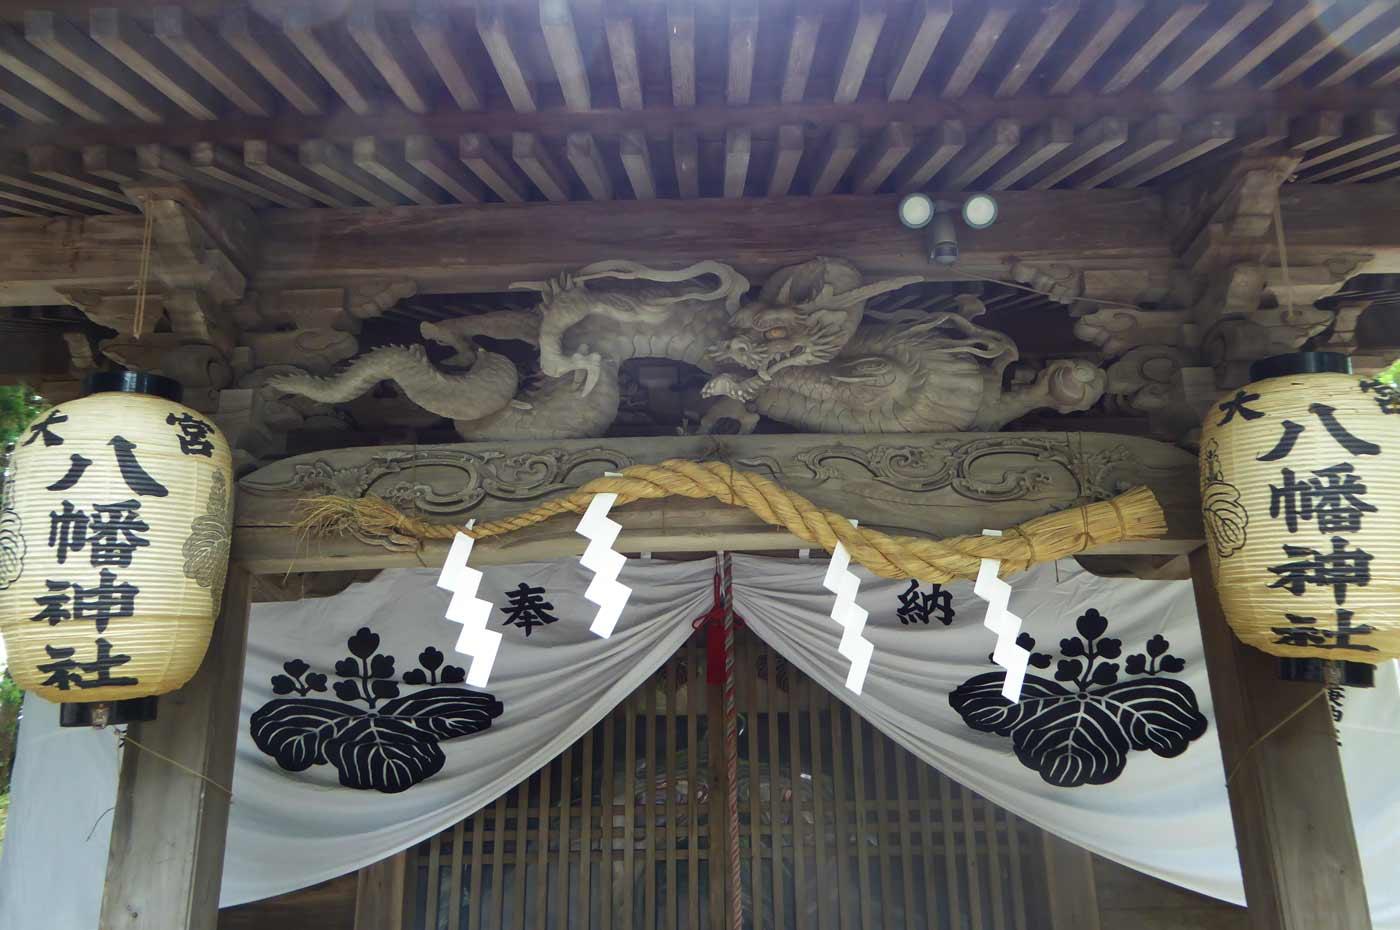 大宮八幡神社の龍の彫刻